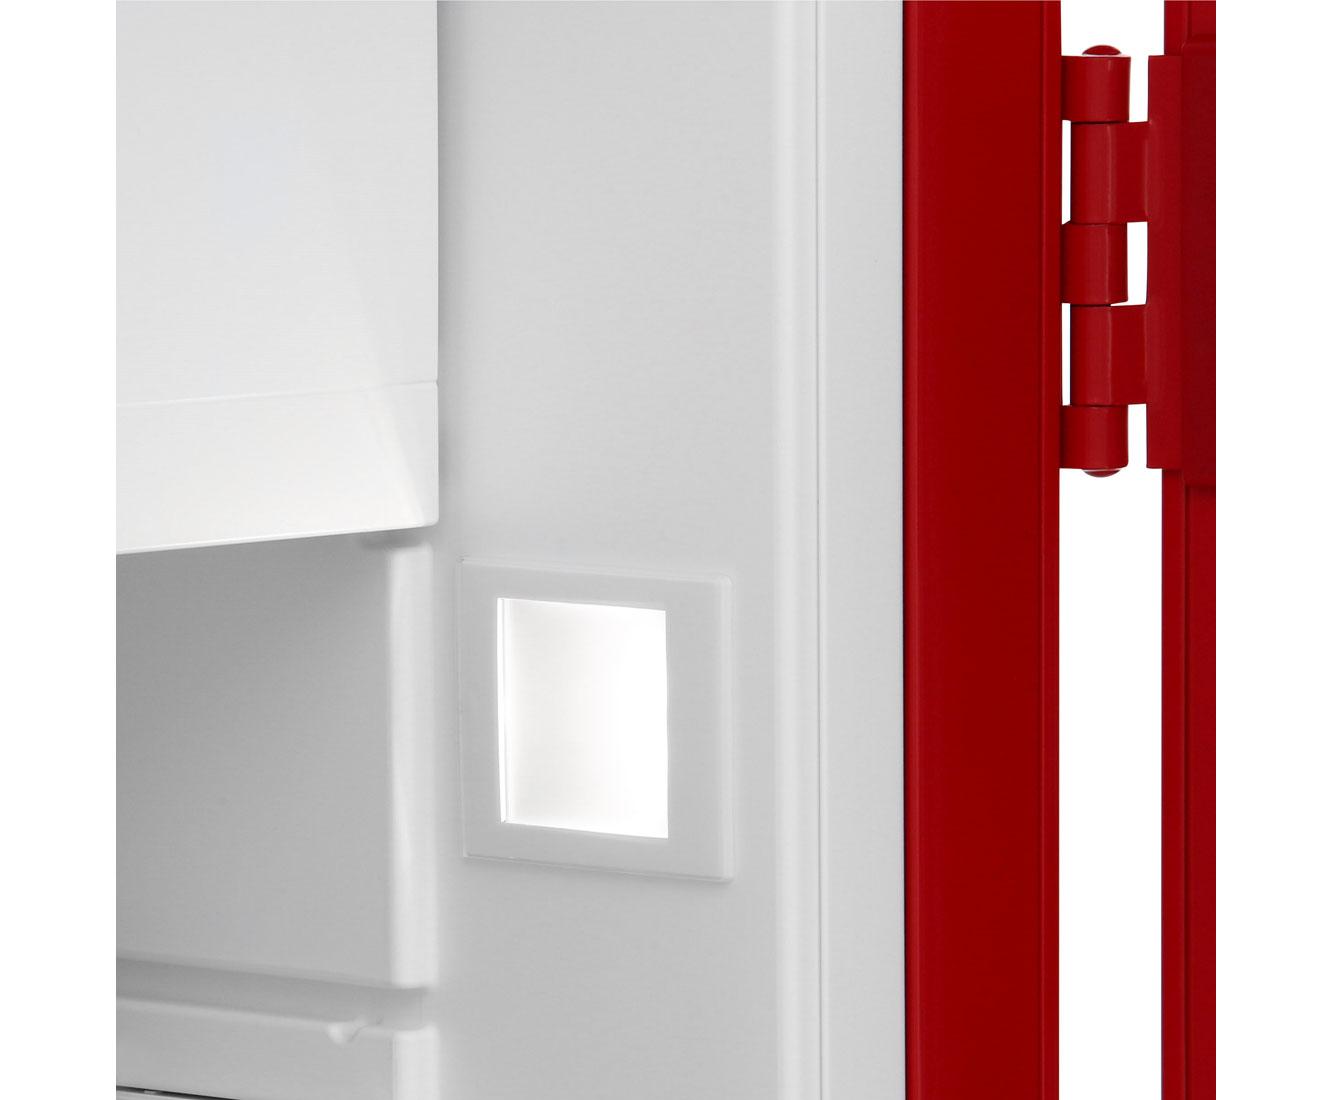 Retro Kühlschrank Bosch Gebraucht : Retro kühlschrank bosch gebraucht: bosch standkühlschrank elegant